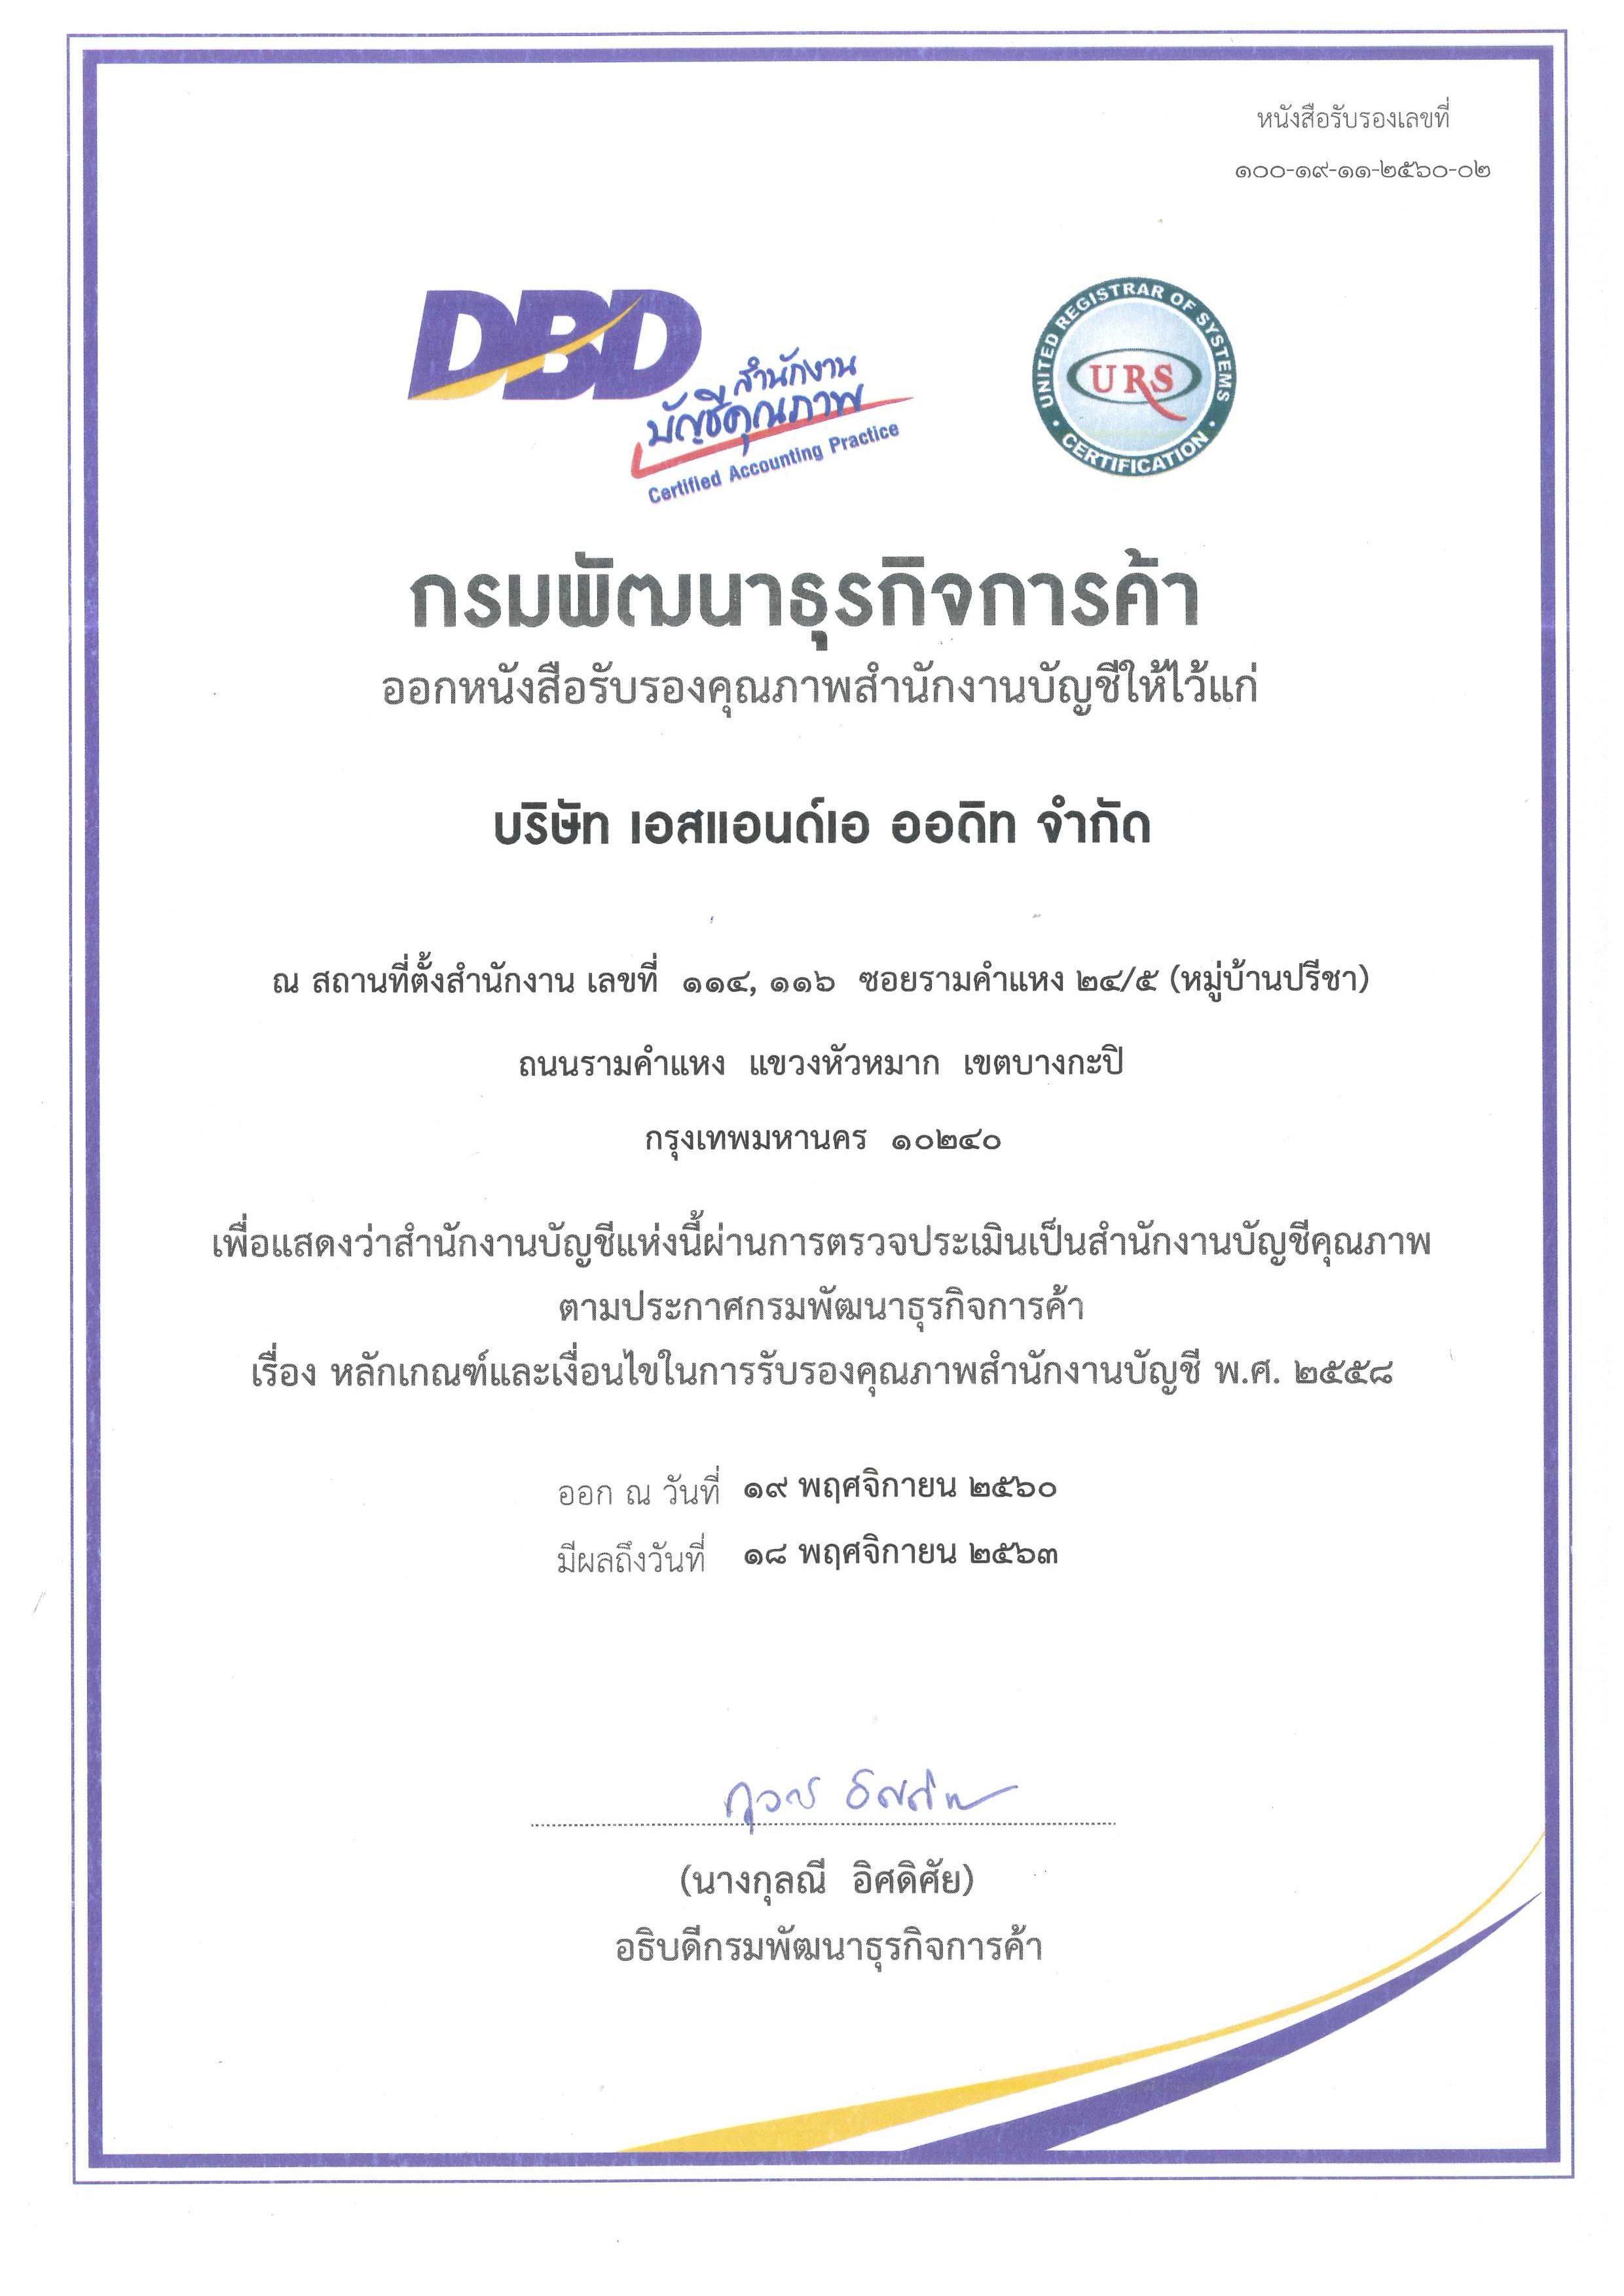 DBD-SAAUDIT2019-e1568475695938-1